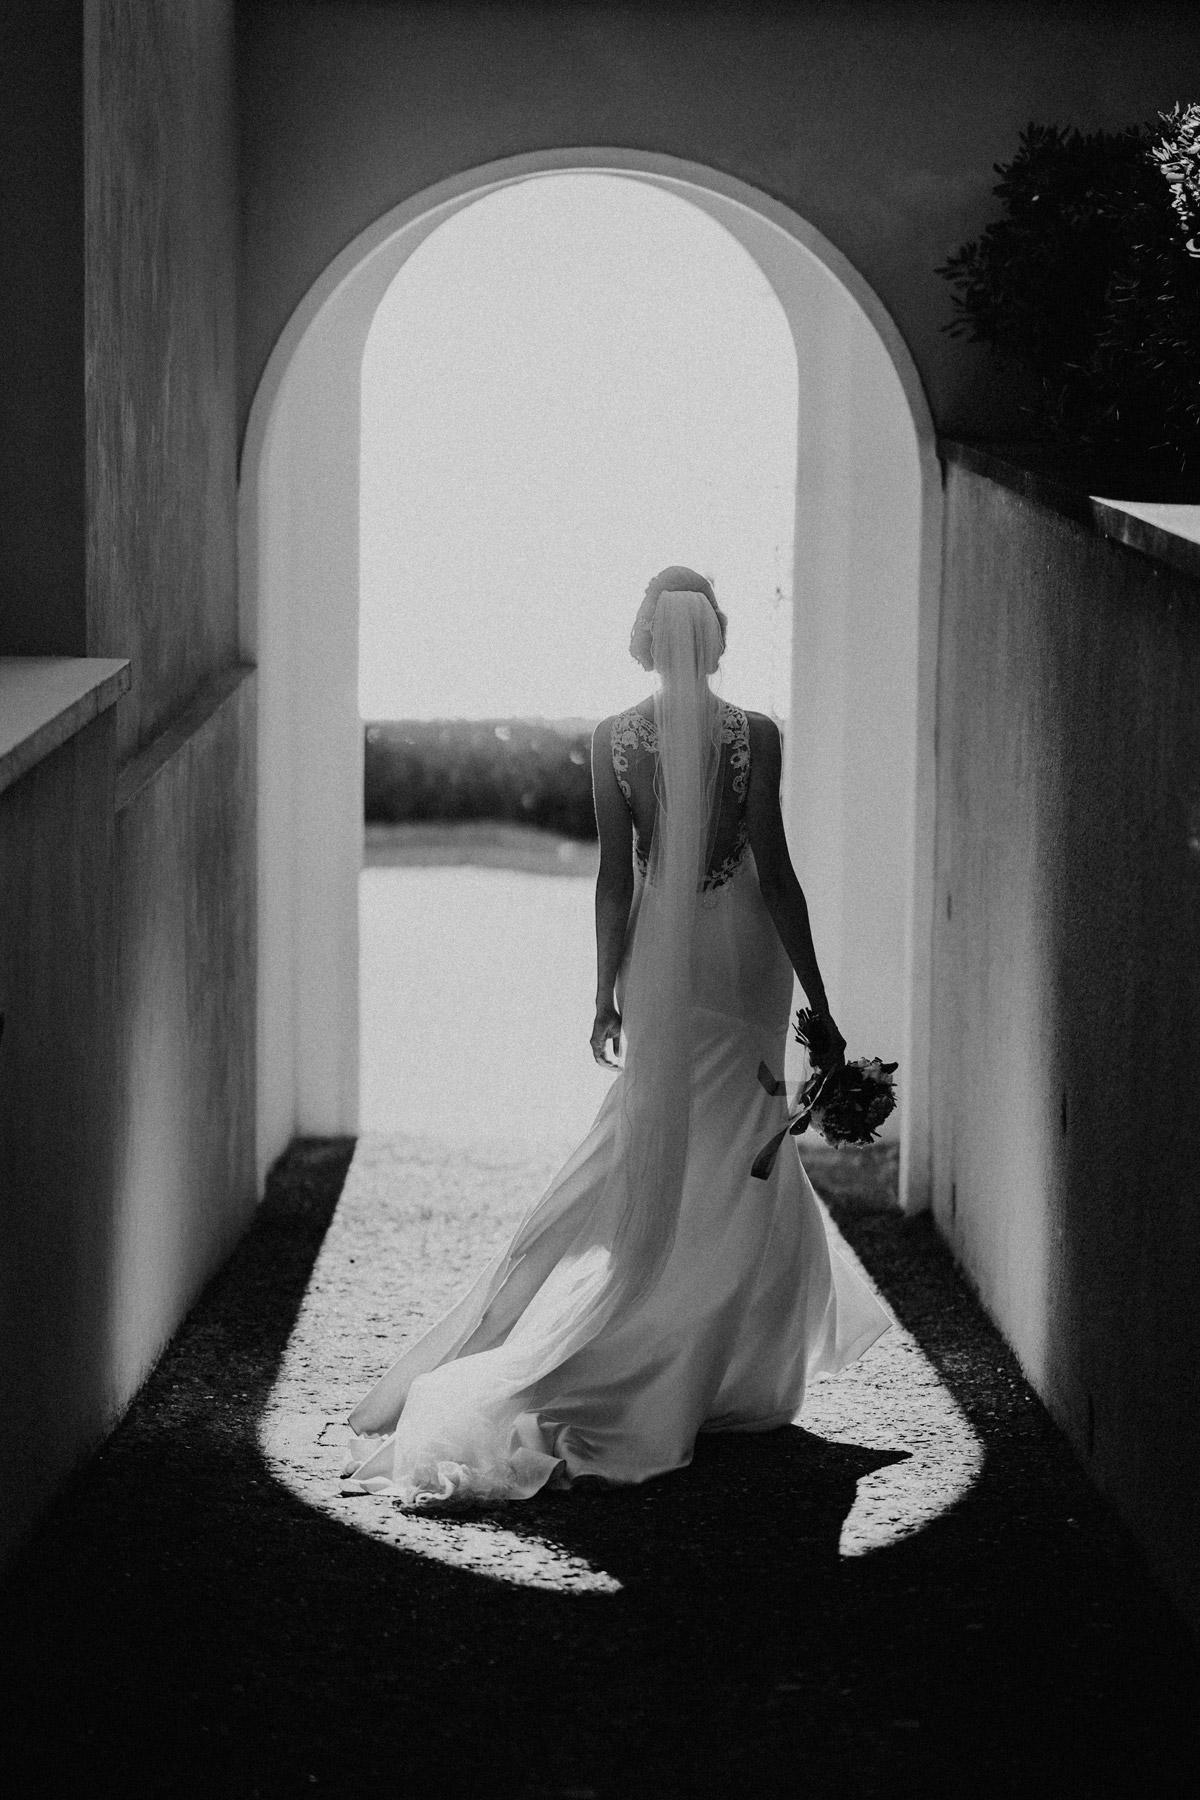 Hochzeitsfoto Idee Schwarz Weiß Braut von hinten in rückenfreiem Brautkleid mit langem Schleier auf Italien Hochzeit #hochzeitslicht Toskana Hochzeitsfotos und Hochzeitsfilm © www.hochzeitslicht.de #hochzeitsfoto #realbride